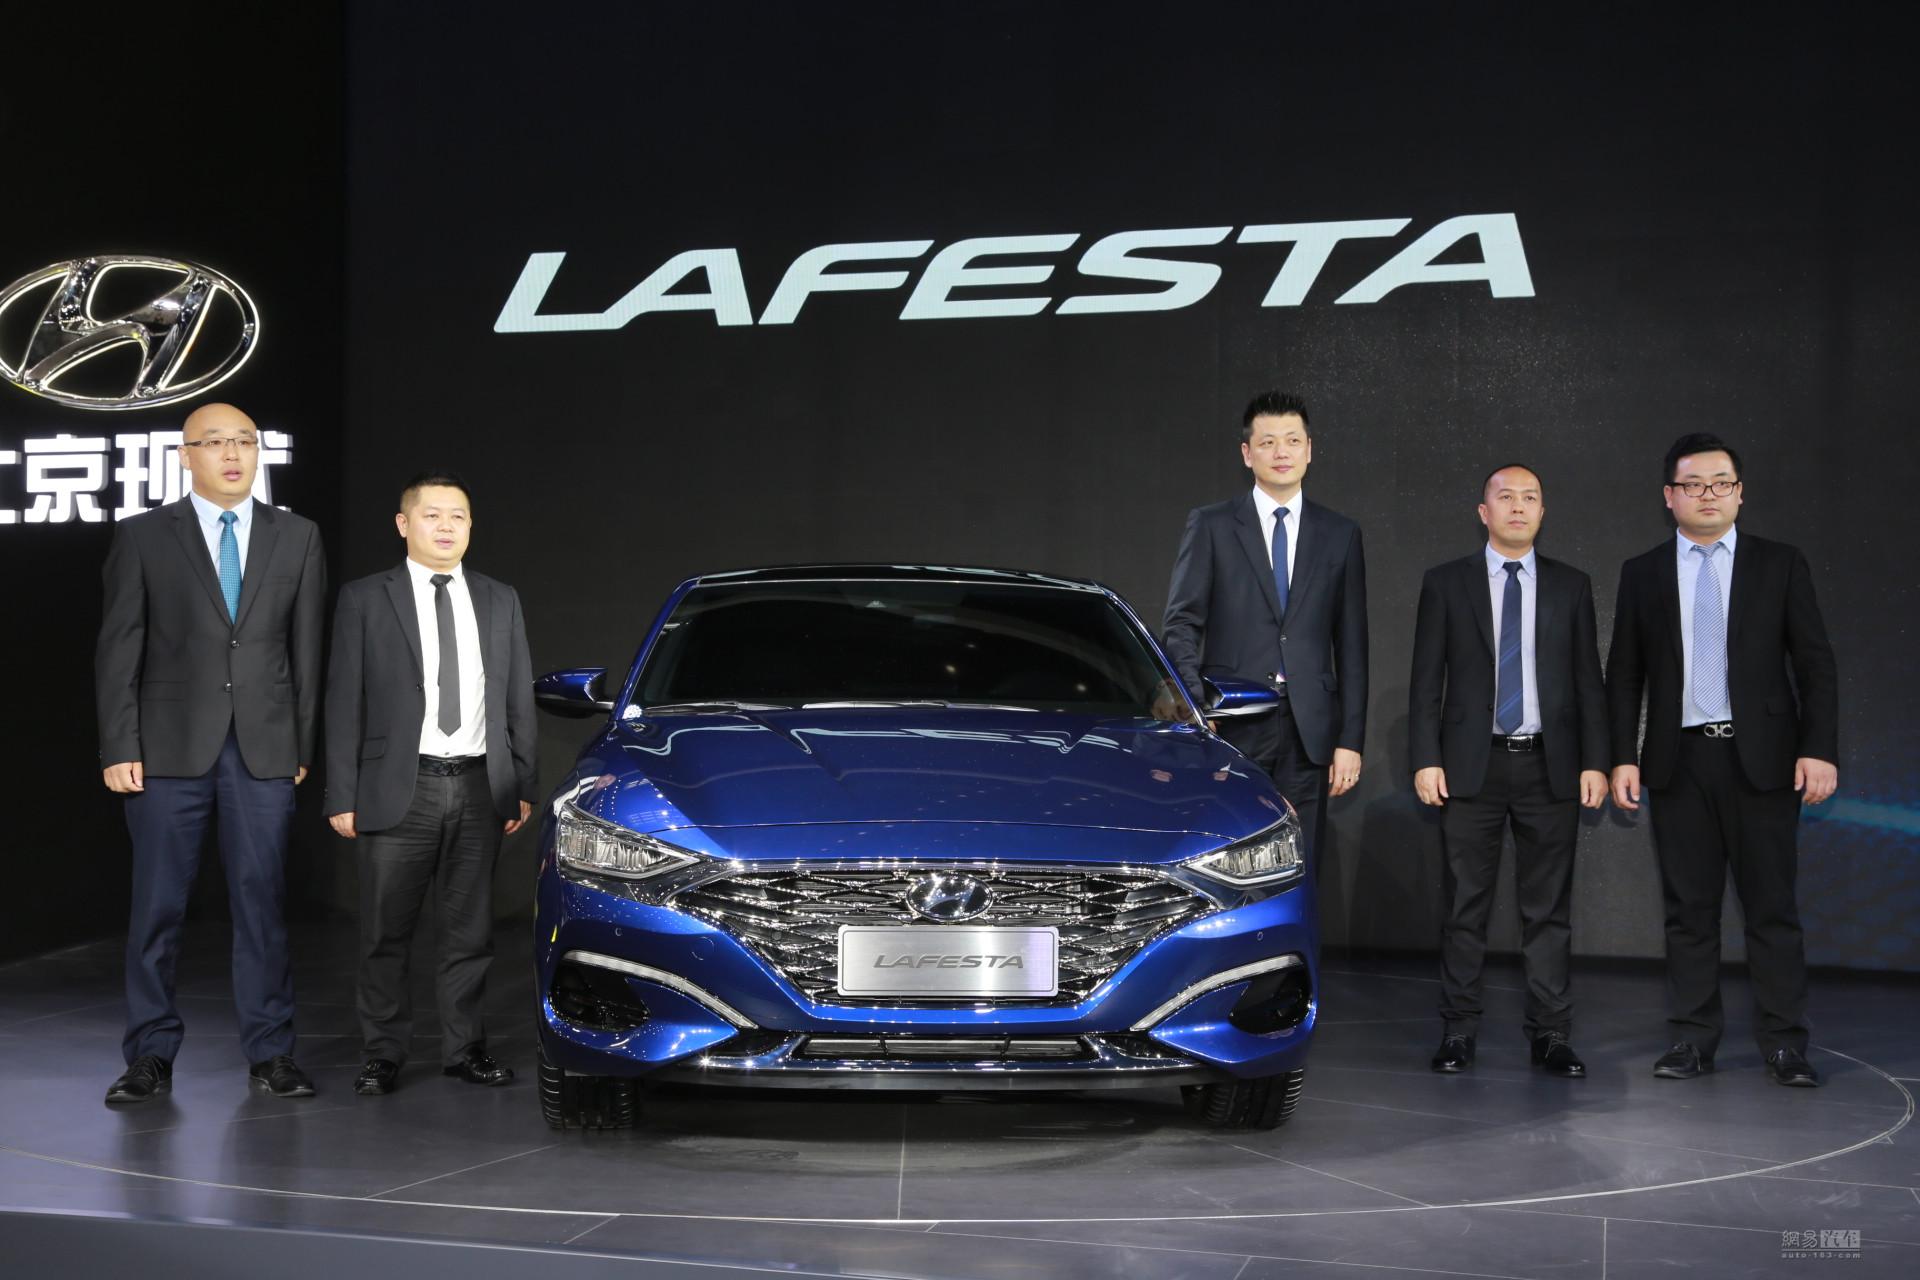 高性能轿跑/下半年上市 现代LAFESTA亮相